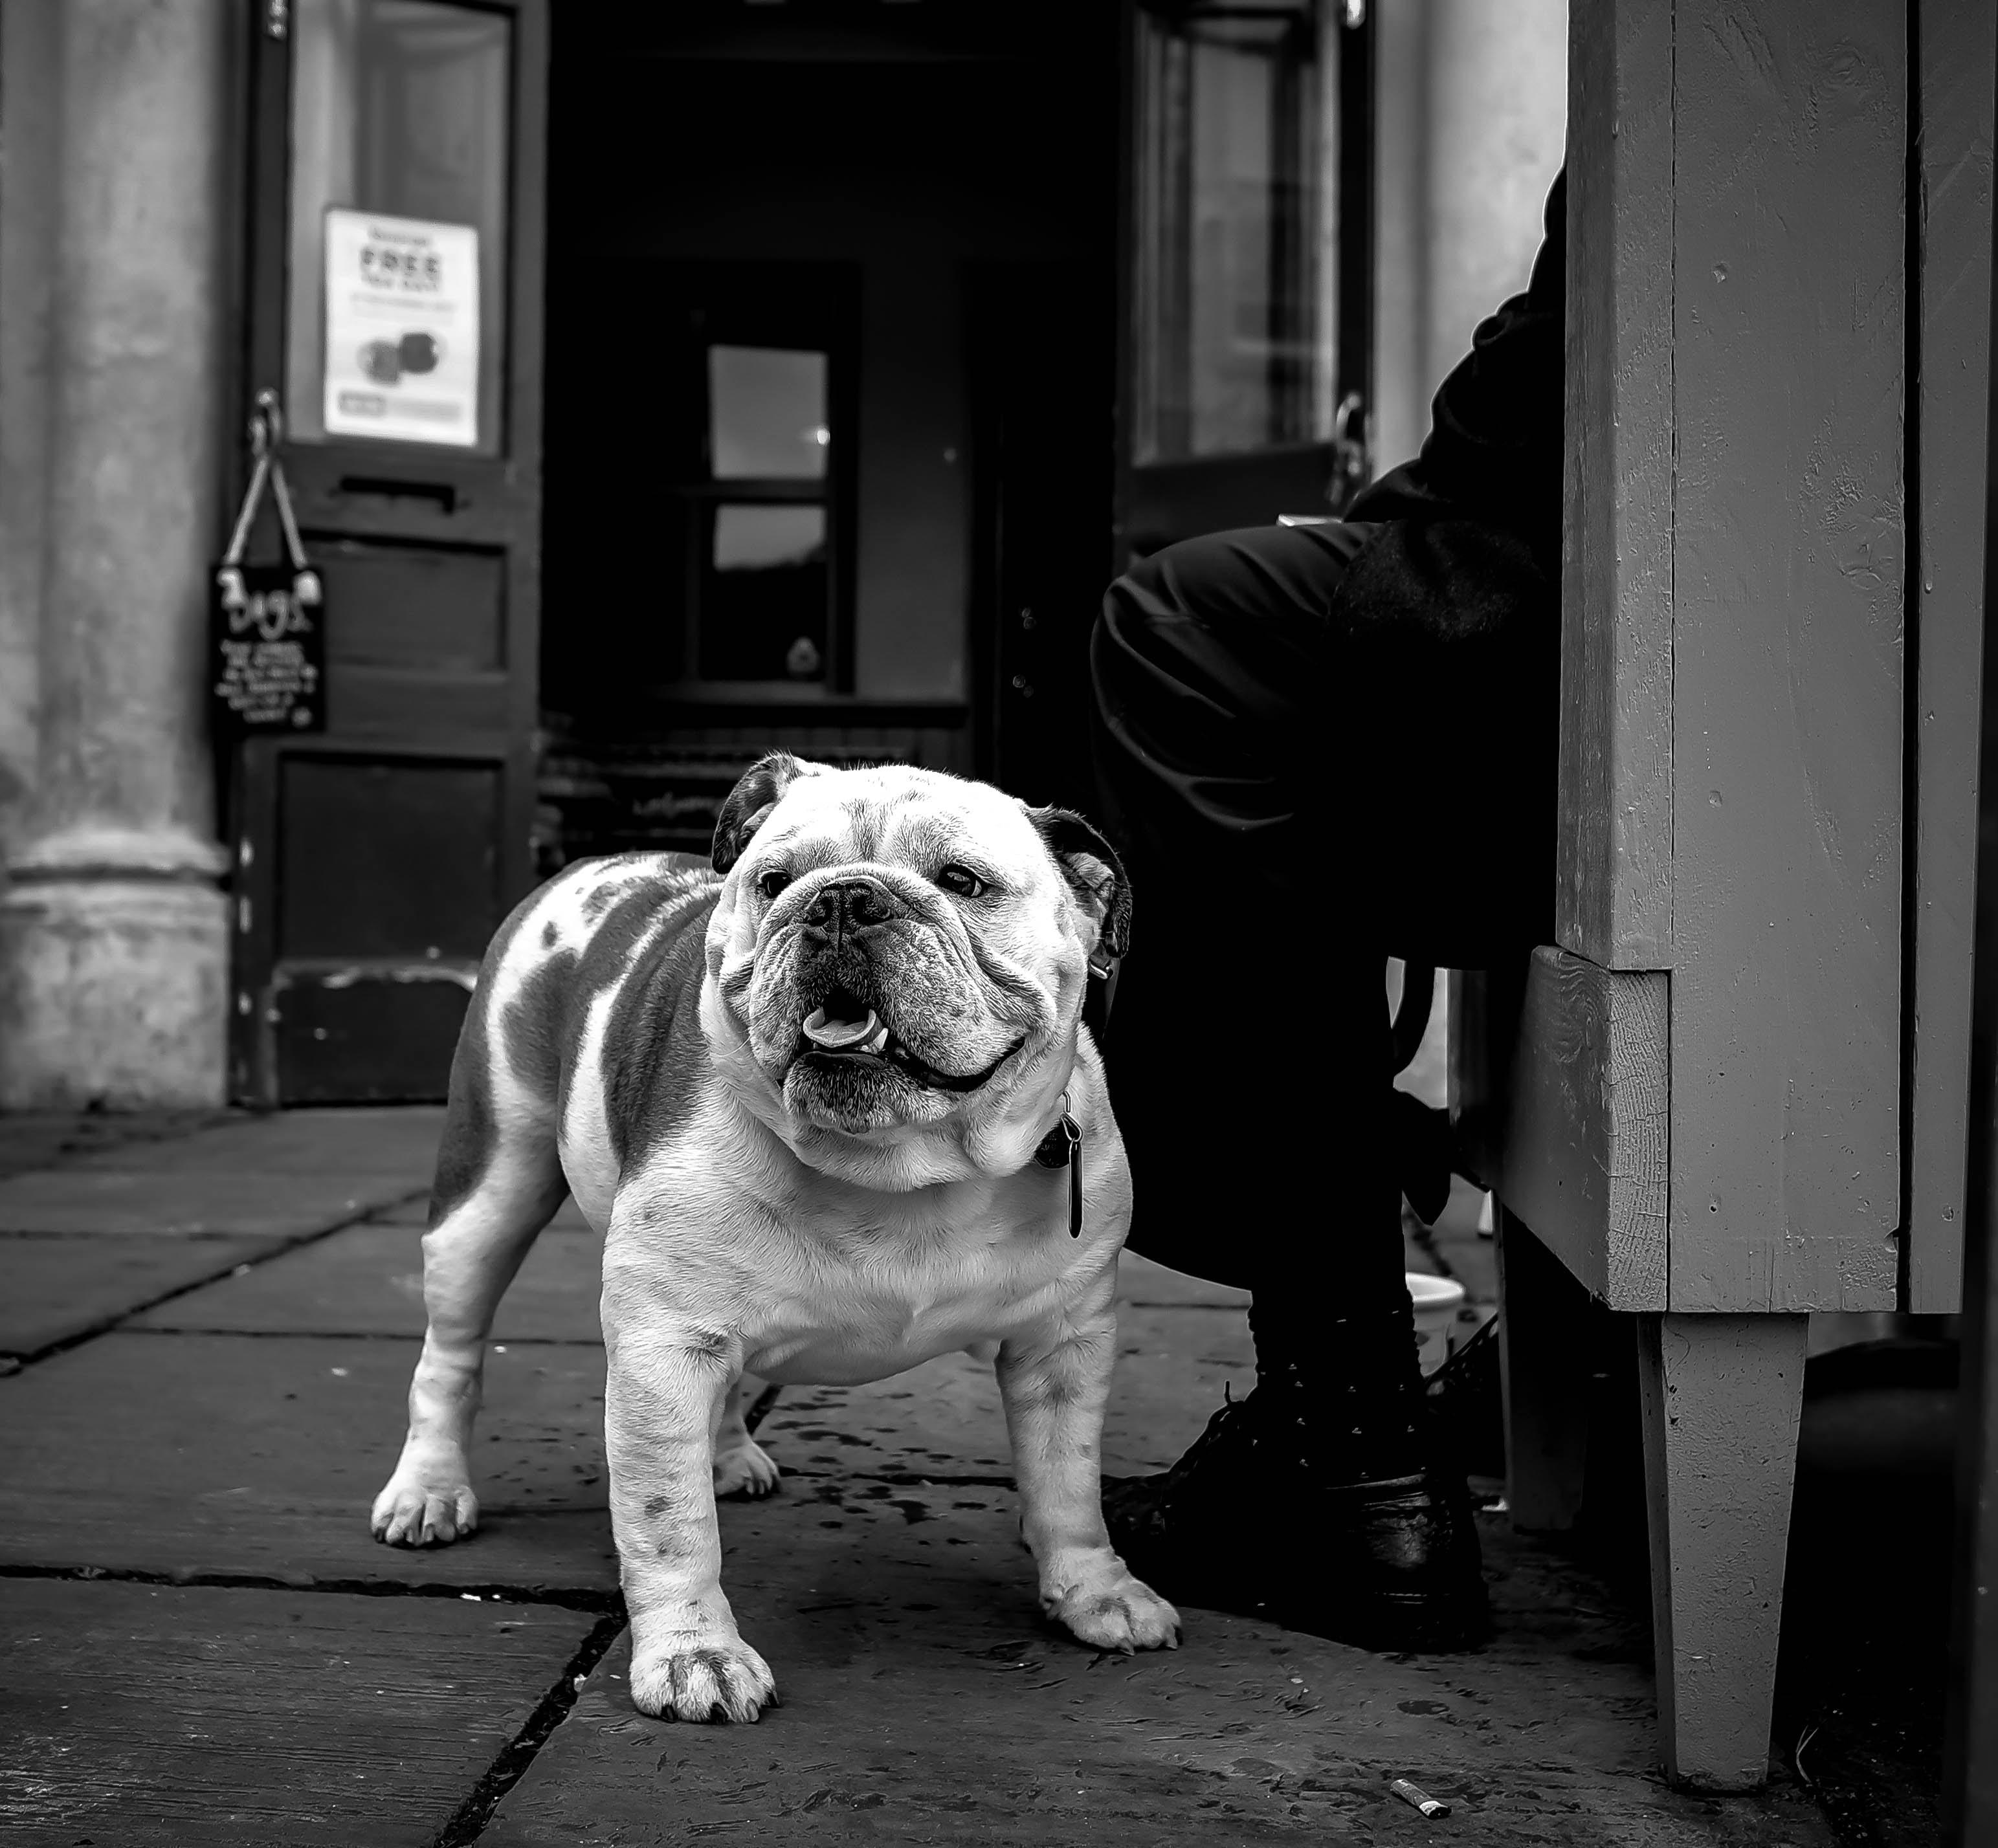 grayscale photo of English bulldog